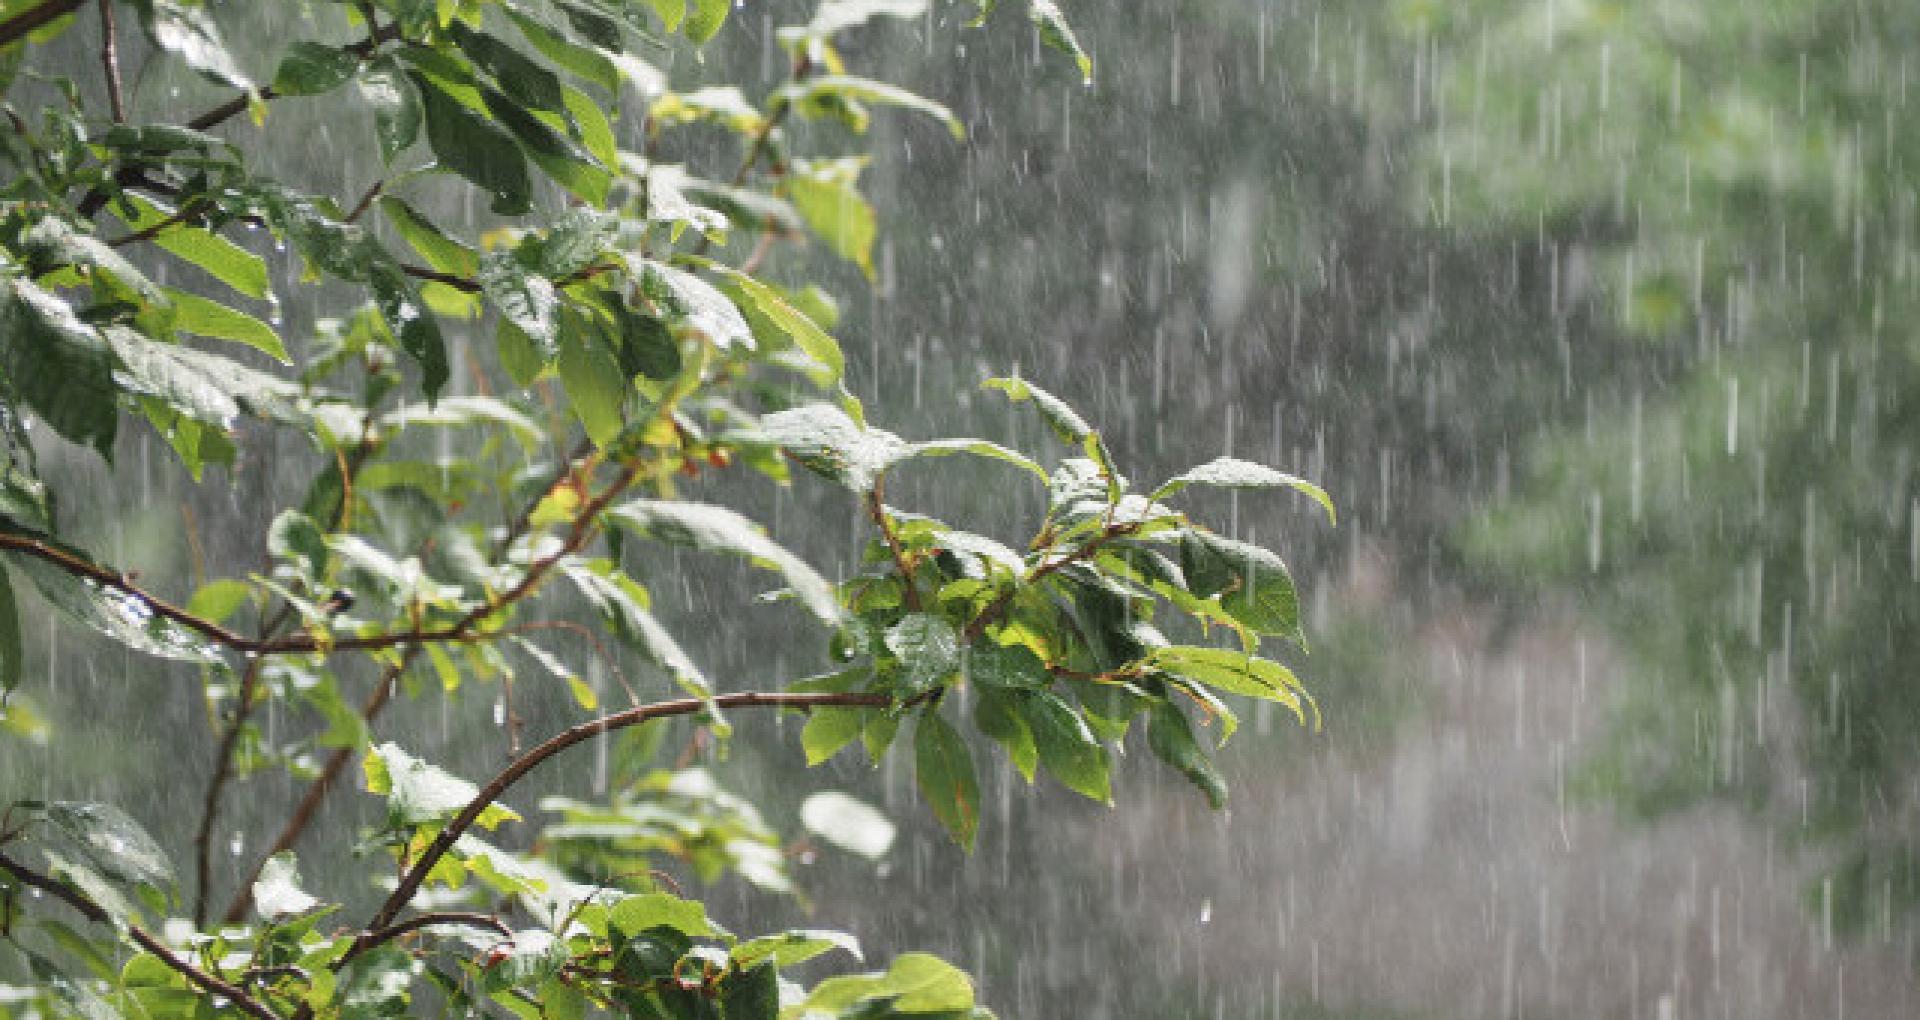 FOTO/ Ploile au făcut prejudicii în mai multe raioane din țară. IGSU: Au fost afectate culturi agricole